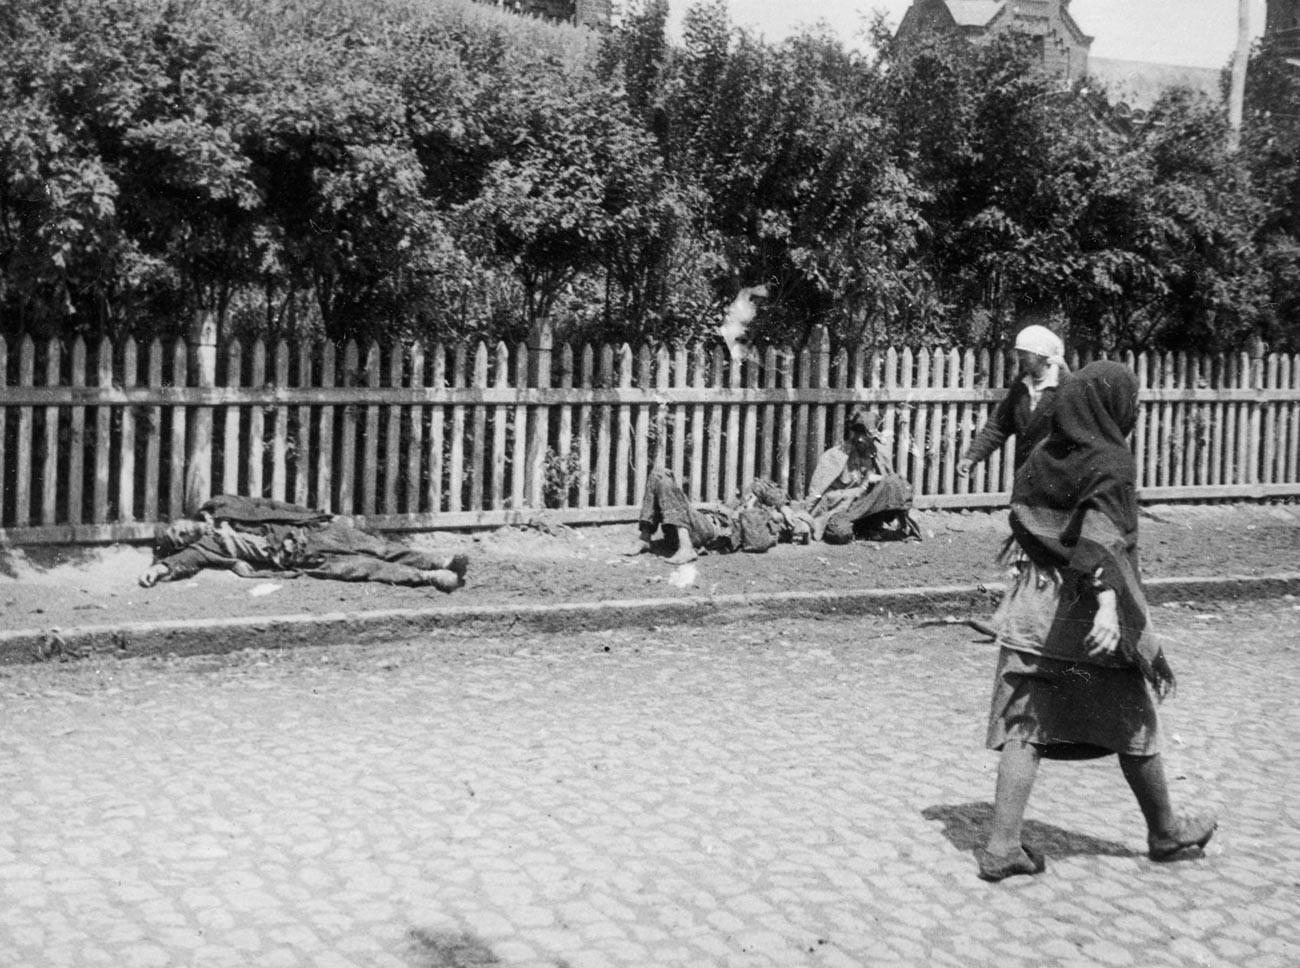 Lačni kmetje na ulici, Harkov, 1933